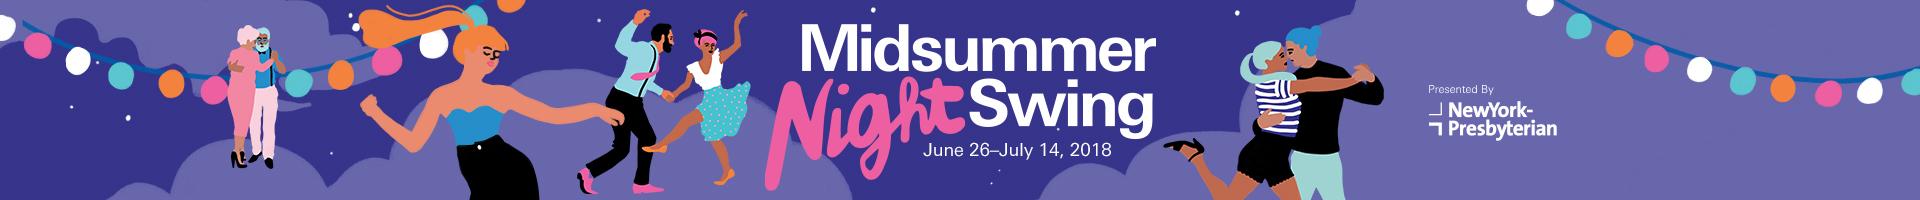 midsummer-night-swing